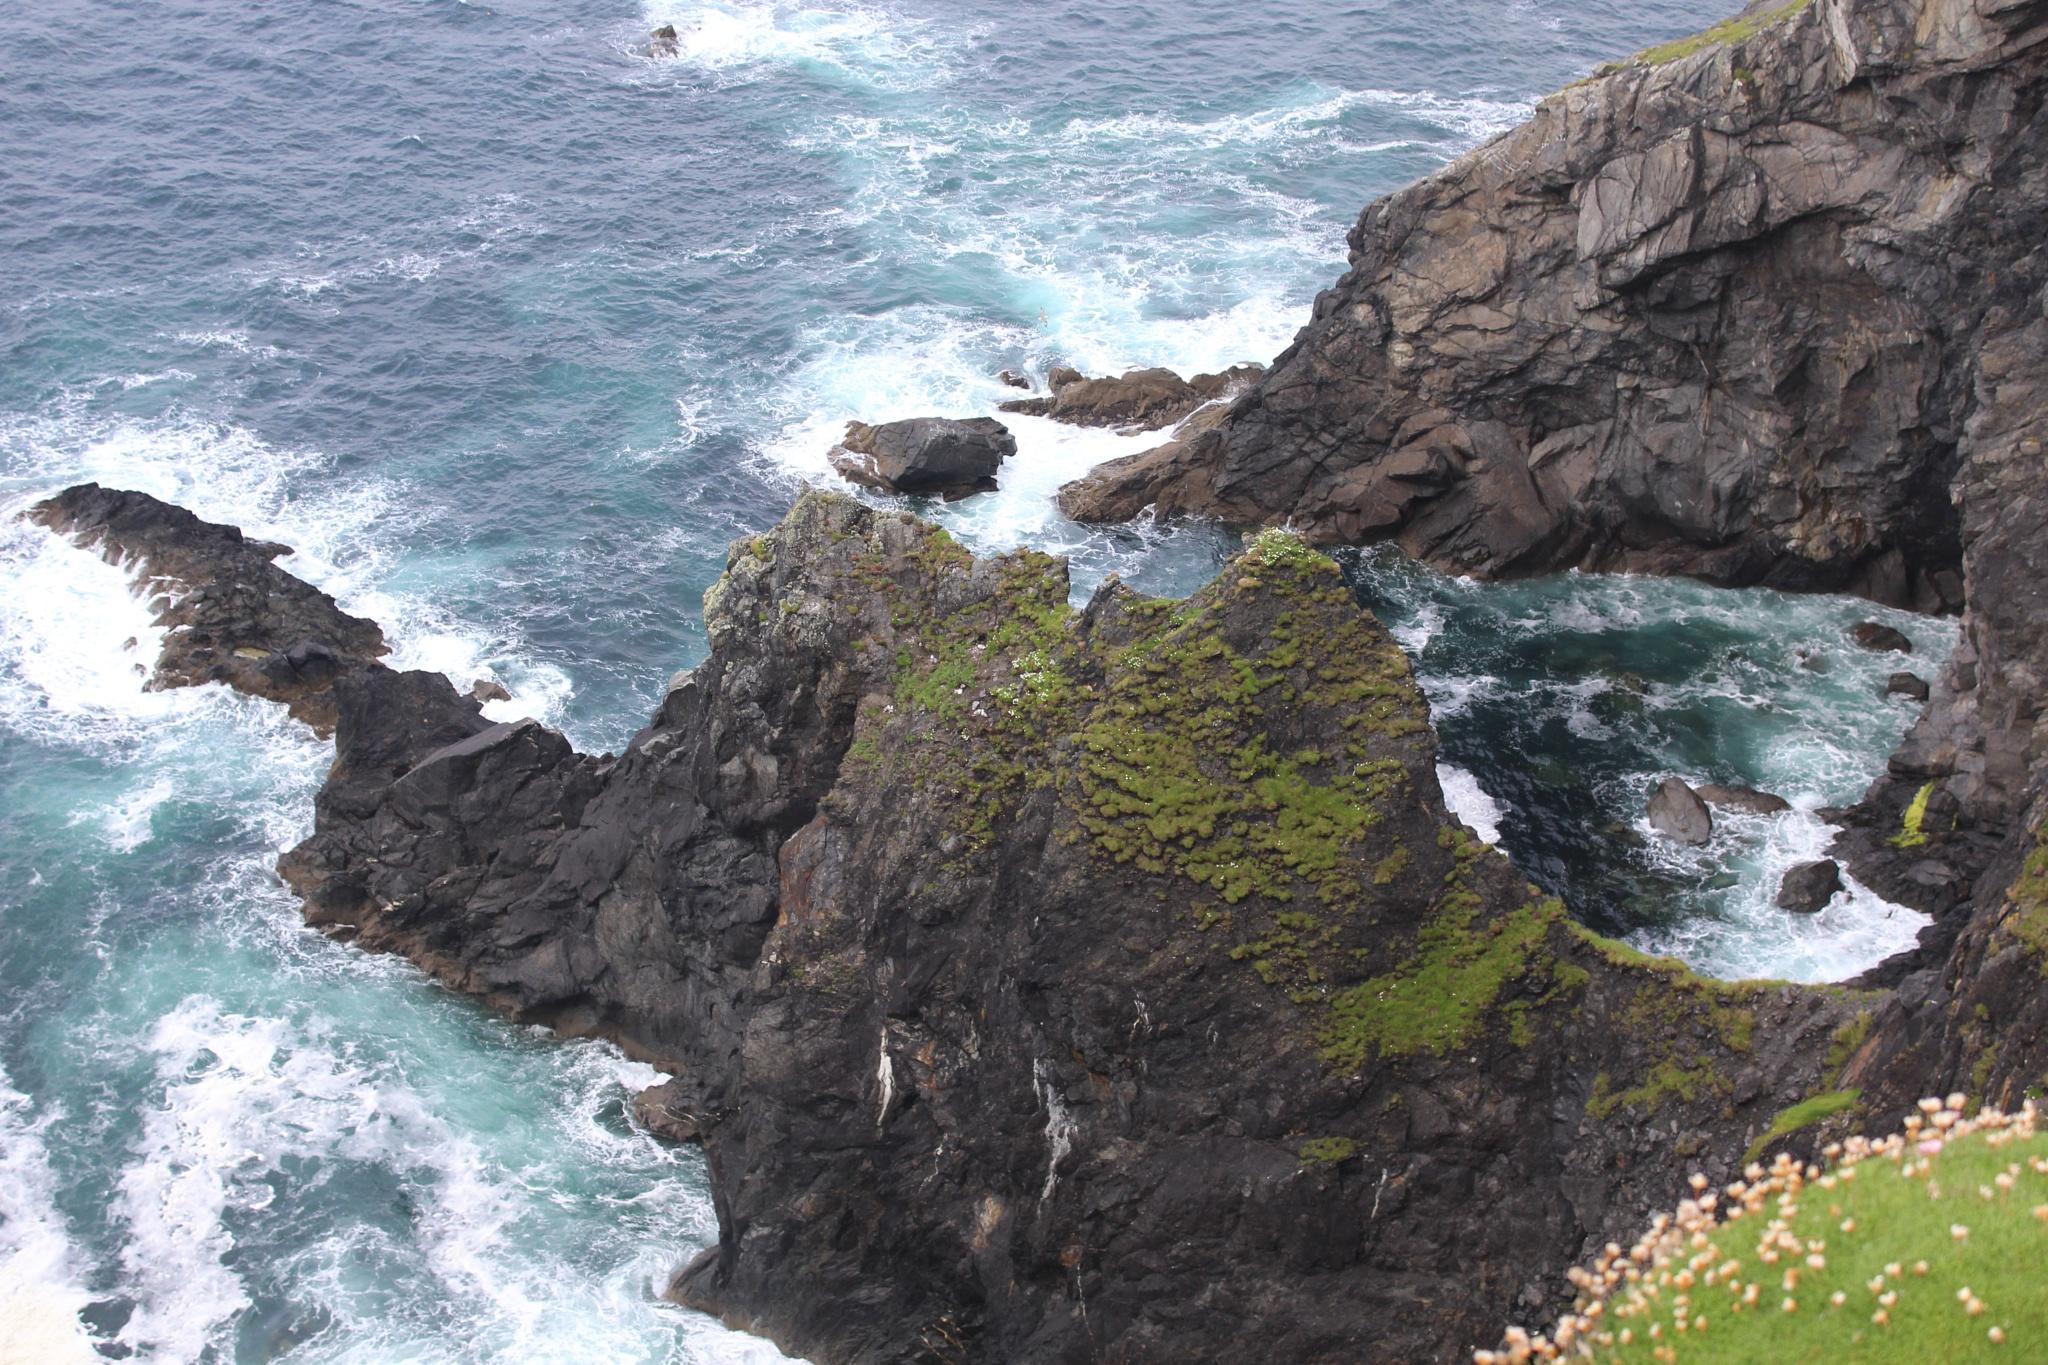 Cliffs on Clare Island, Ireland by Gunnerman85